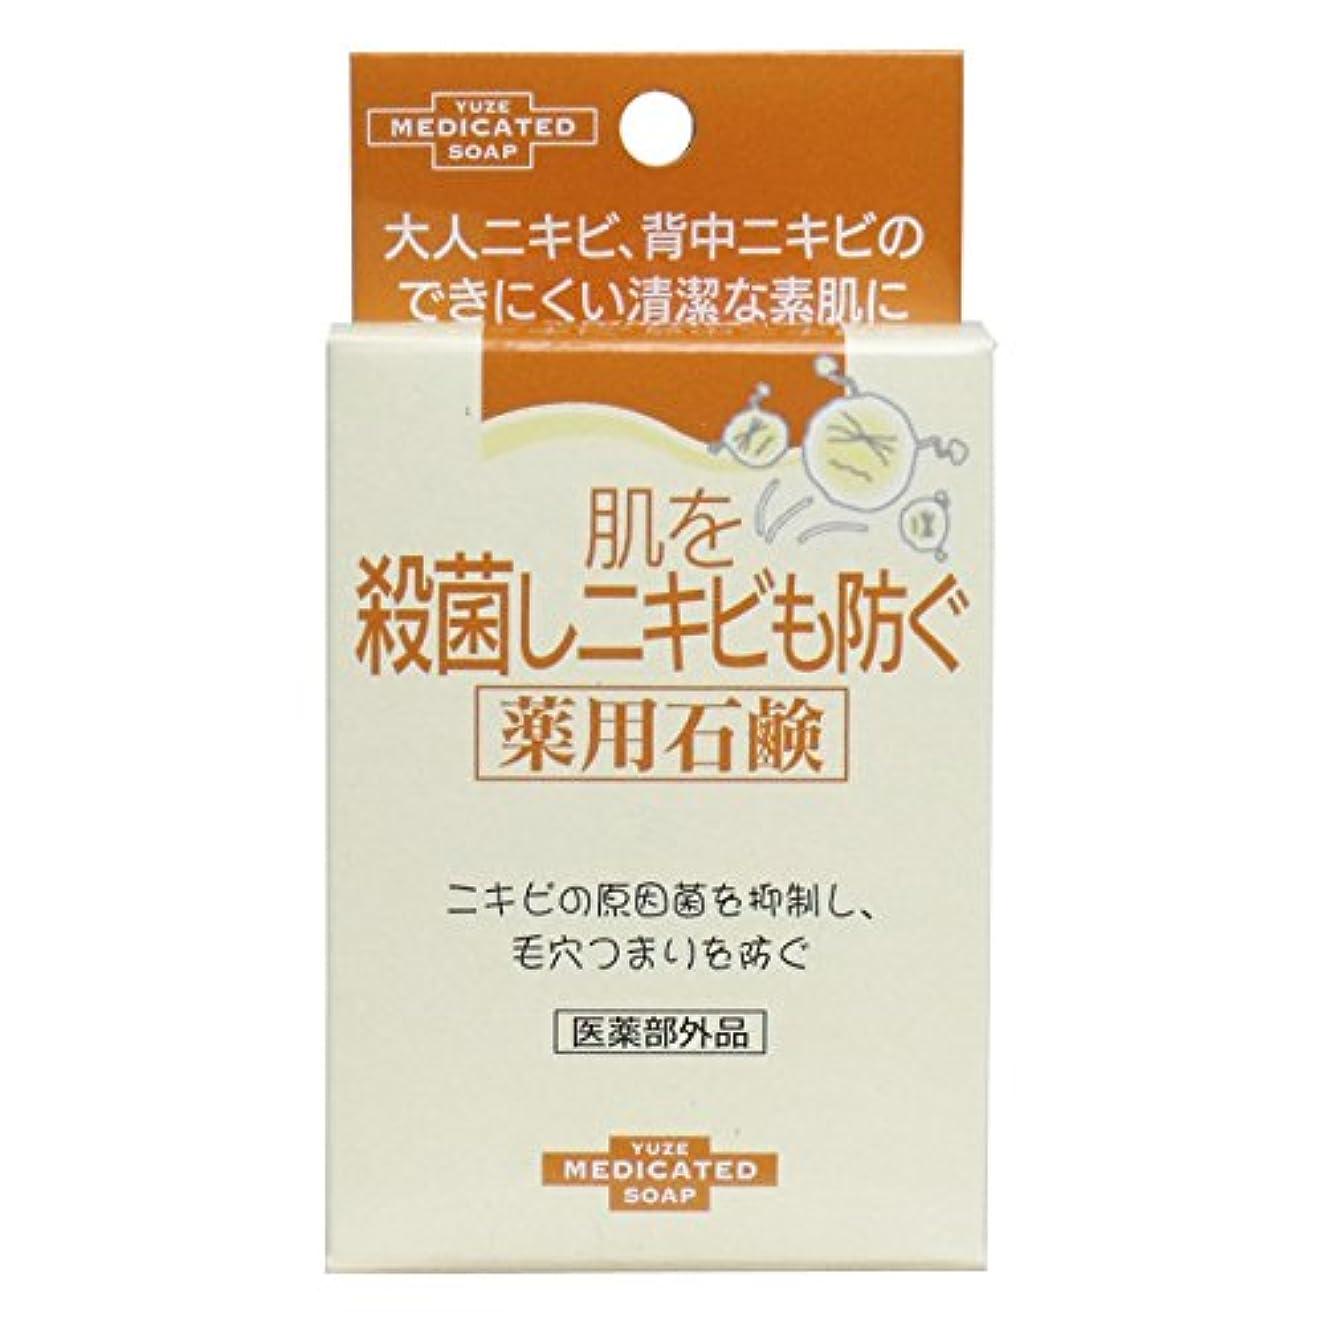 実際のシリアル限られたユゼ 肌を殺菌しニキビも防ぐ薬用石鹸 (110g)